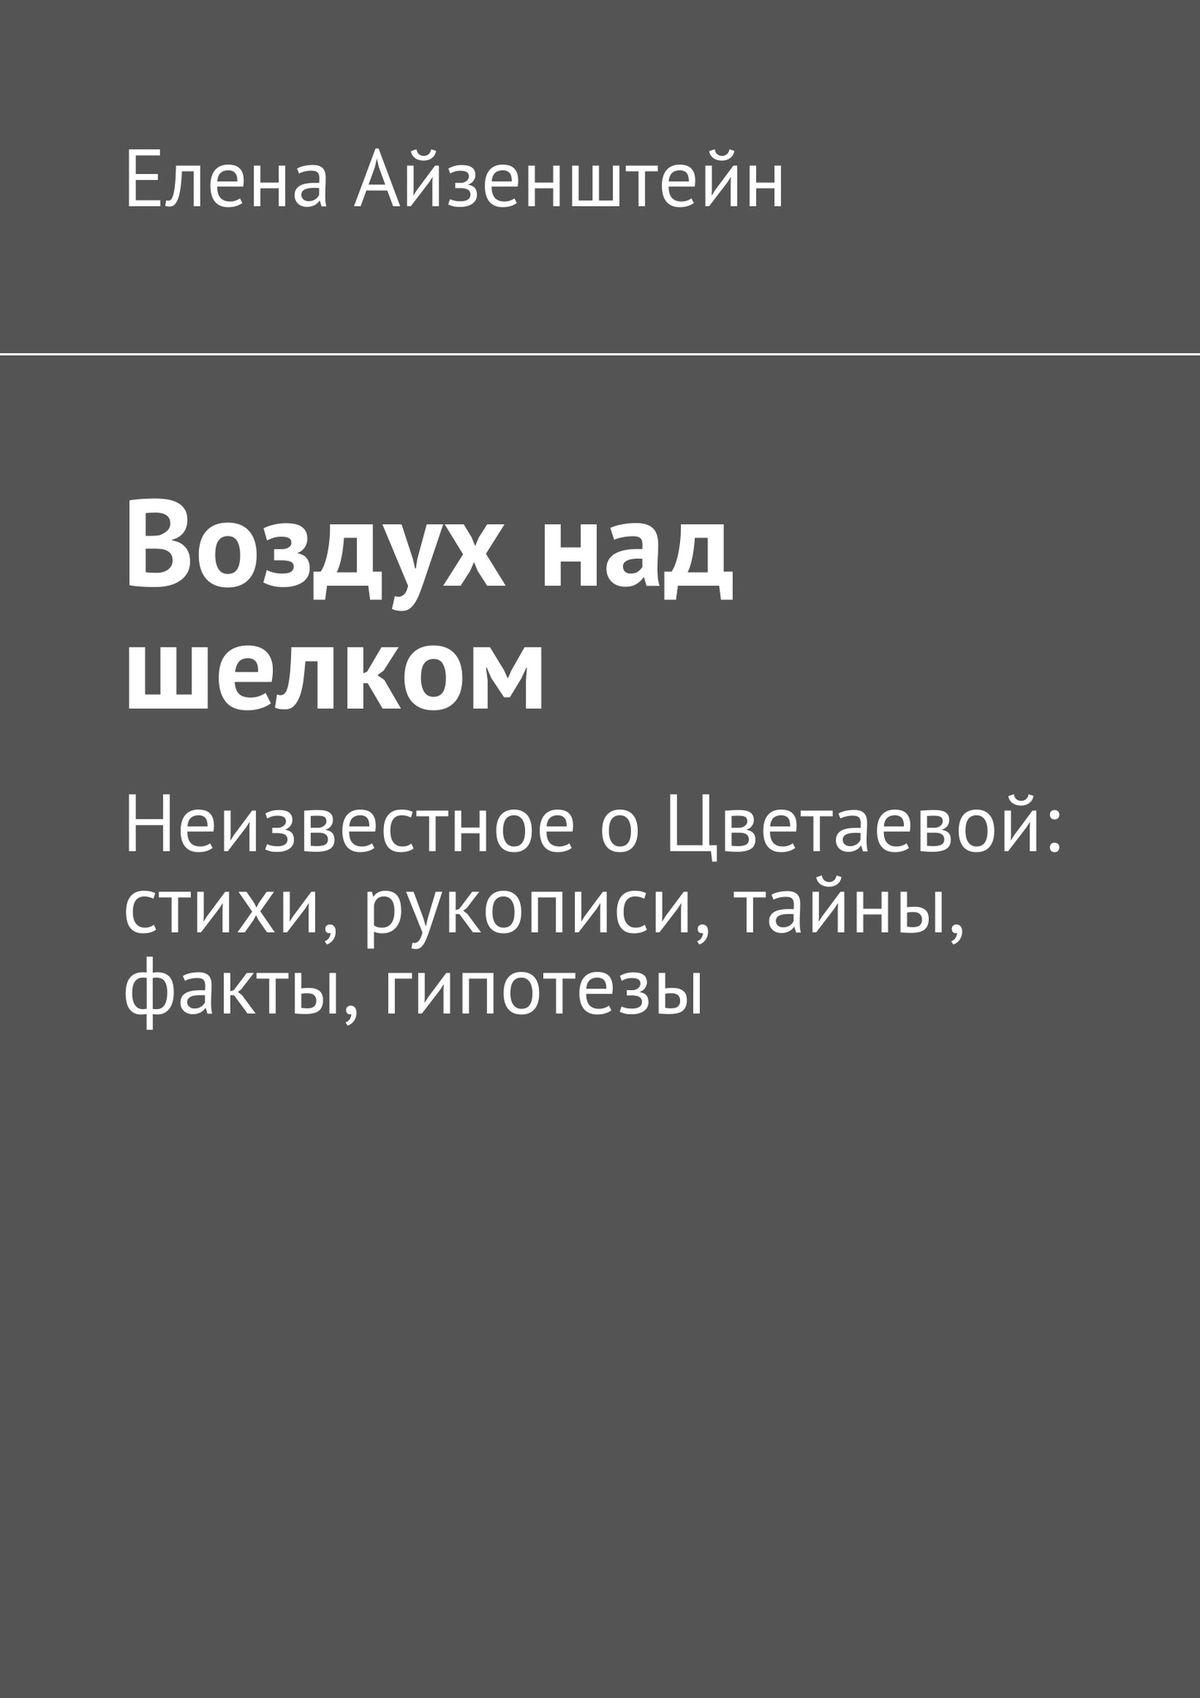 Елена Айзенштейн Воздух над шелком. Неизвестное о Цветаевой: стихи, рукописи, тайны, факты, гипотезы